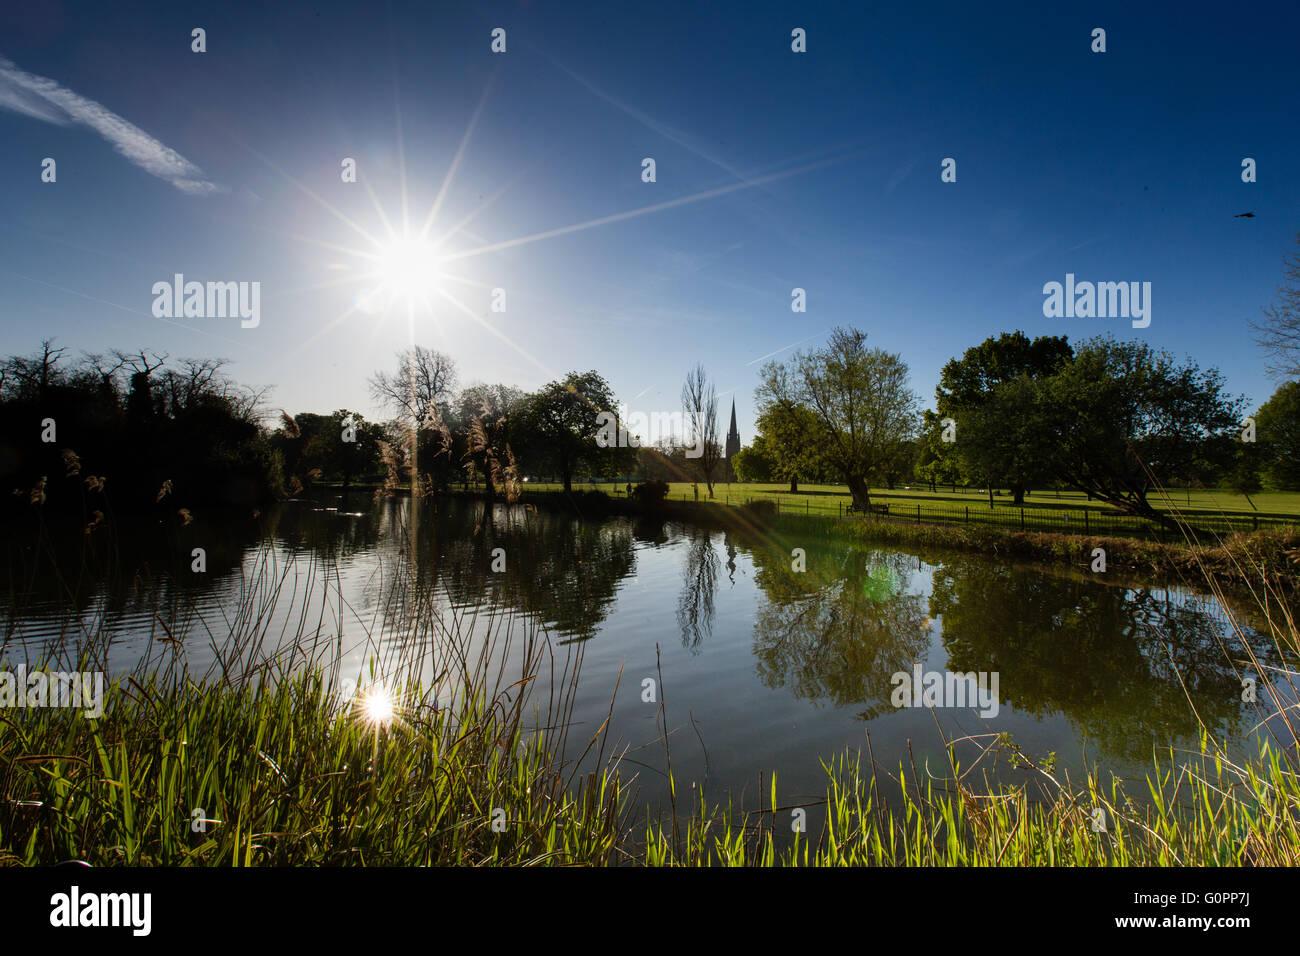 Londres, Reino Unido, 4 de mayo de 2016. Preciosa y soleada mañana en Parque Clissold, Stoke Newington, Hackney, Londres, Reino Unido. Copyright Carol efecto muaré/Alamy Live News Foto de stock